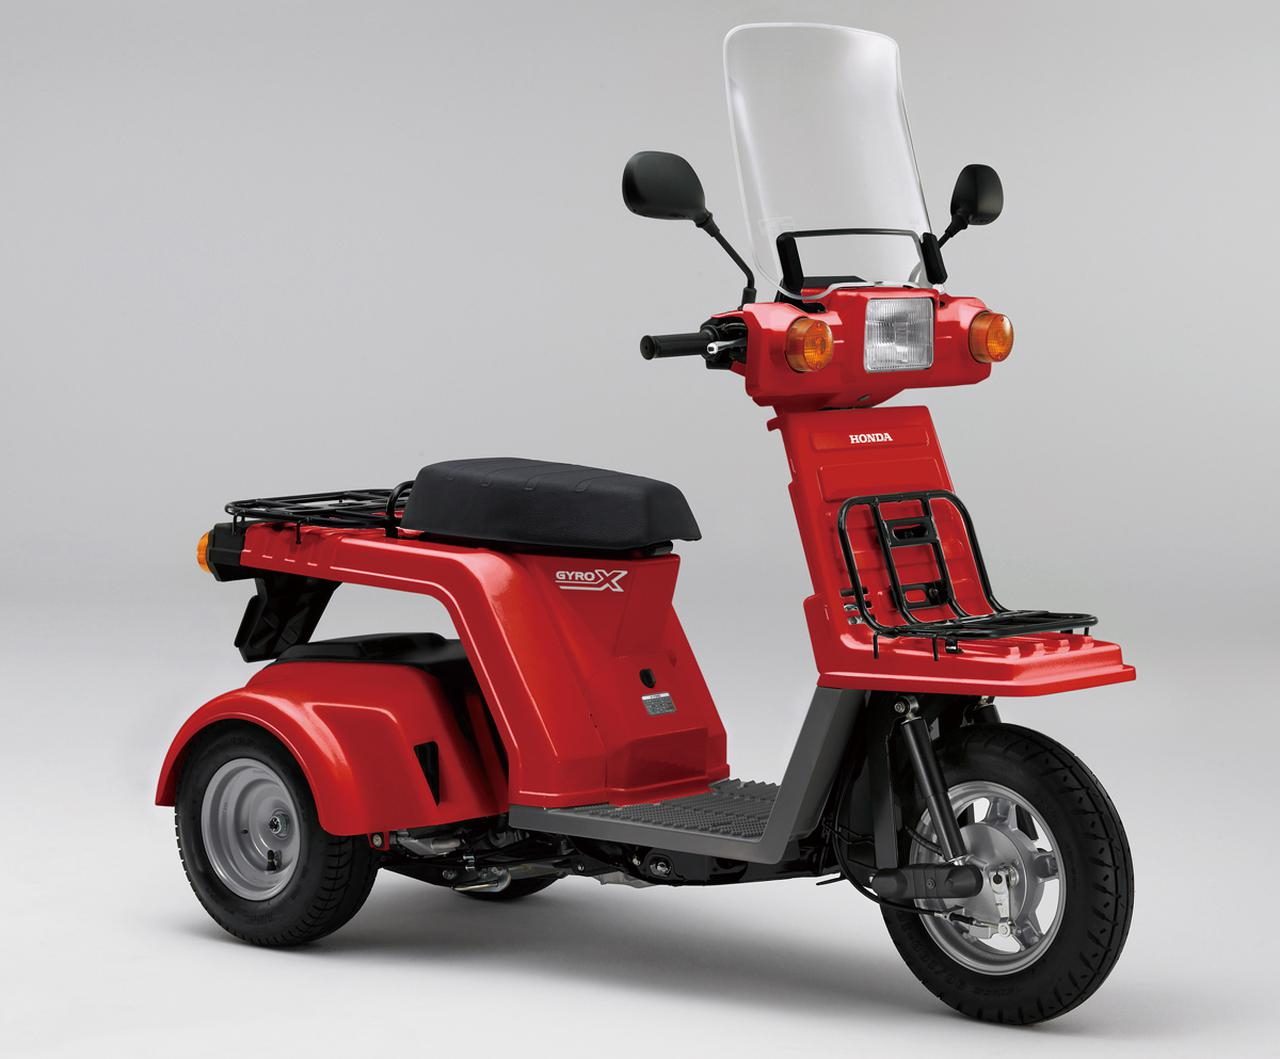 ホンダ「ジャイロ X」【1分で読める 2021年に新車で購入可能なバイク紹介】